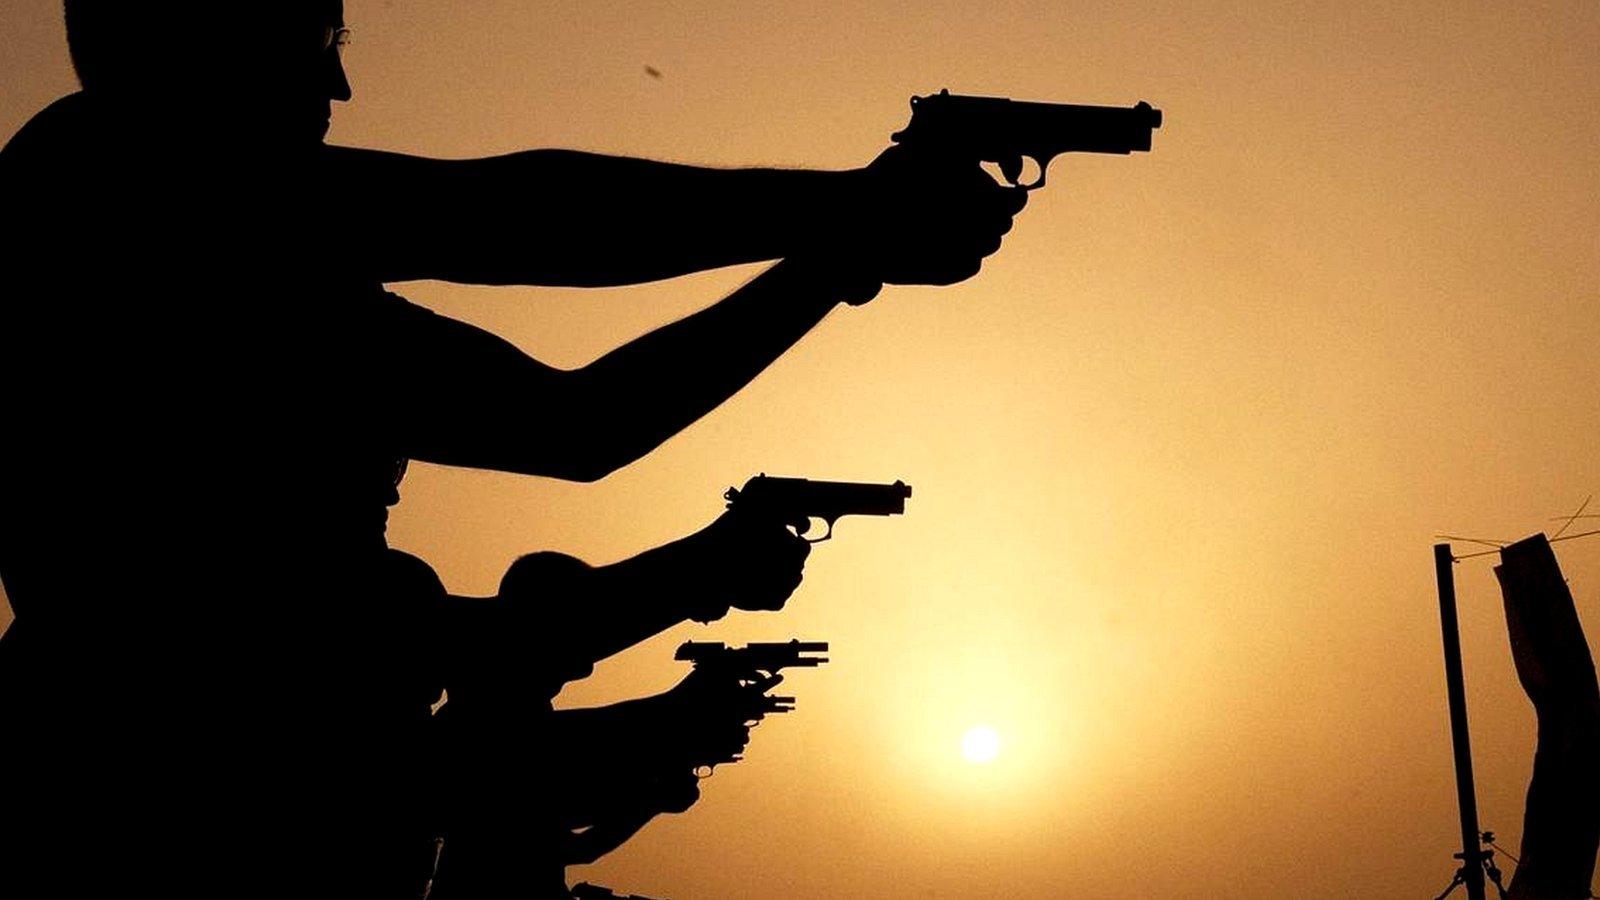 Каким оружием имеют право владеть граждане Украины?